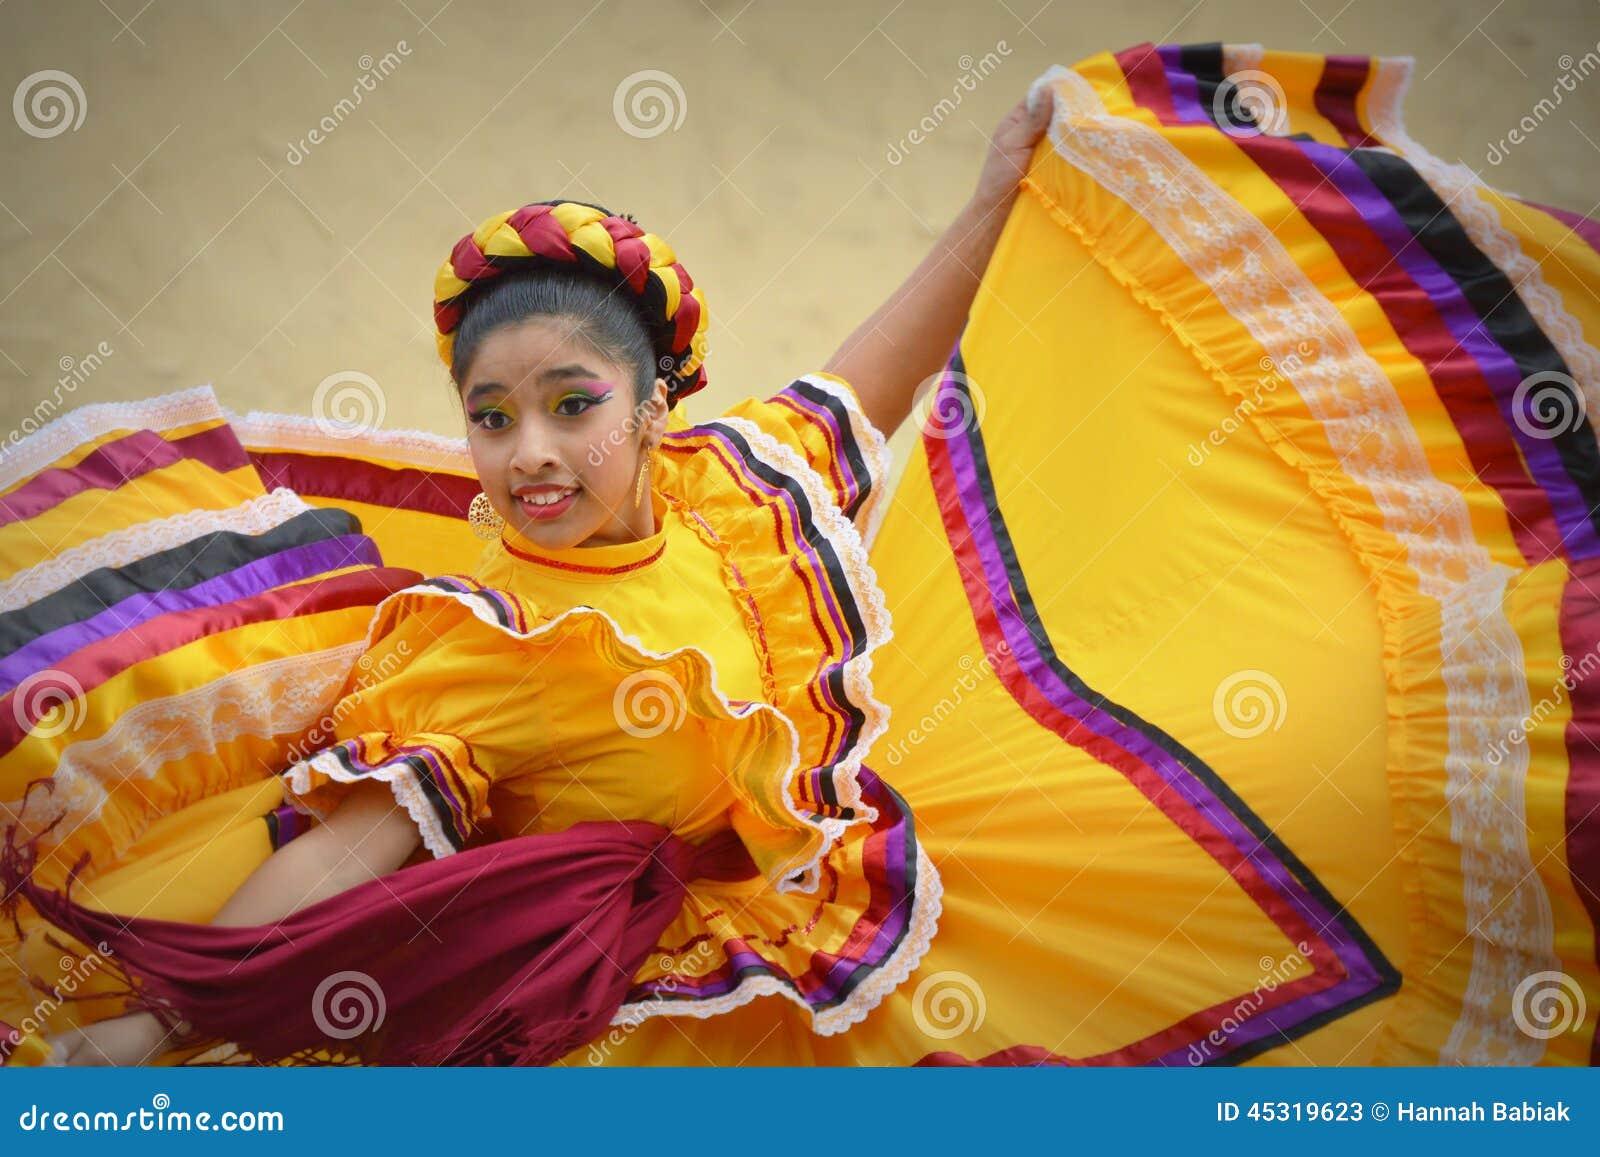 Cinco de Mayo Dancing Girl en vestido amarillo